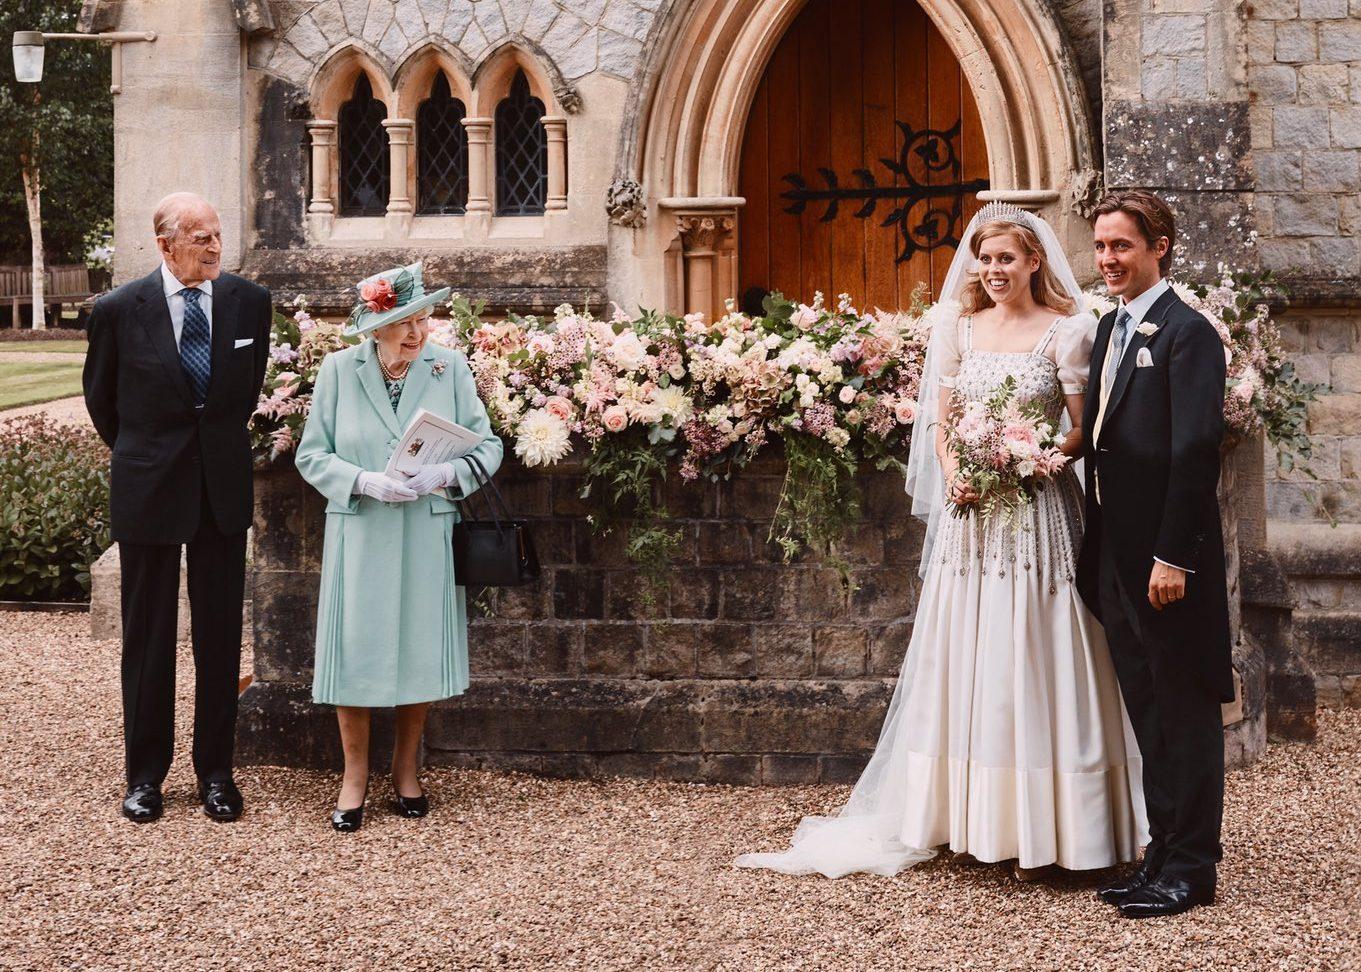 casamento - beatrice neta rainha